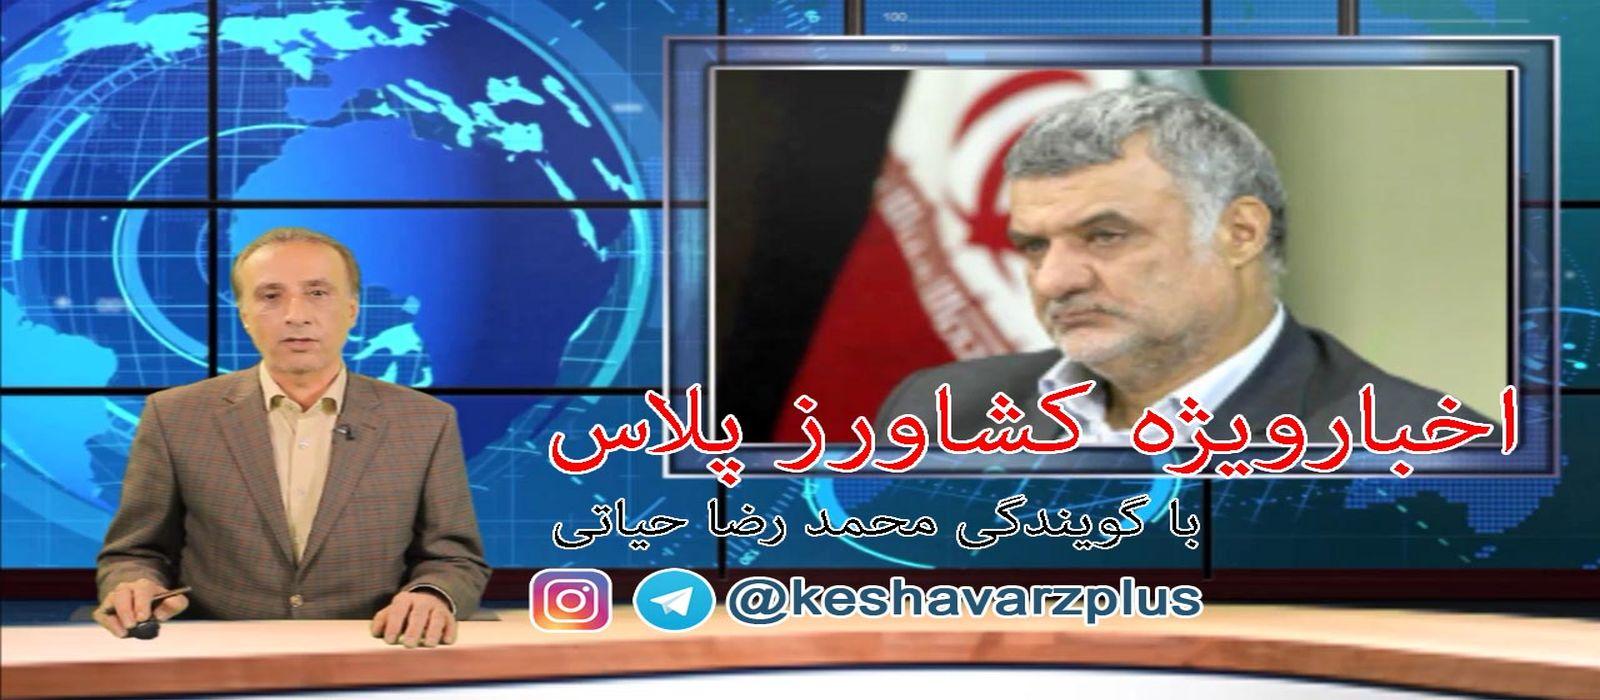 اخبار ویژه کشاورز پلاس، با گویندگی محمد رضا حیاتی